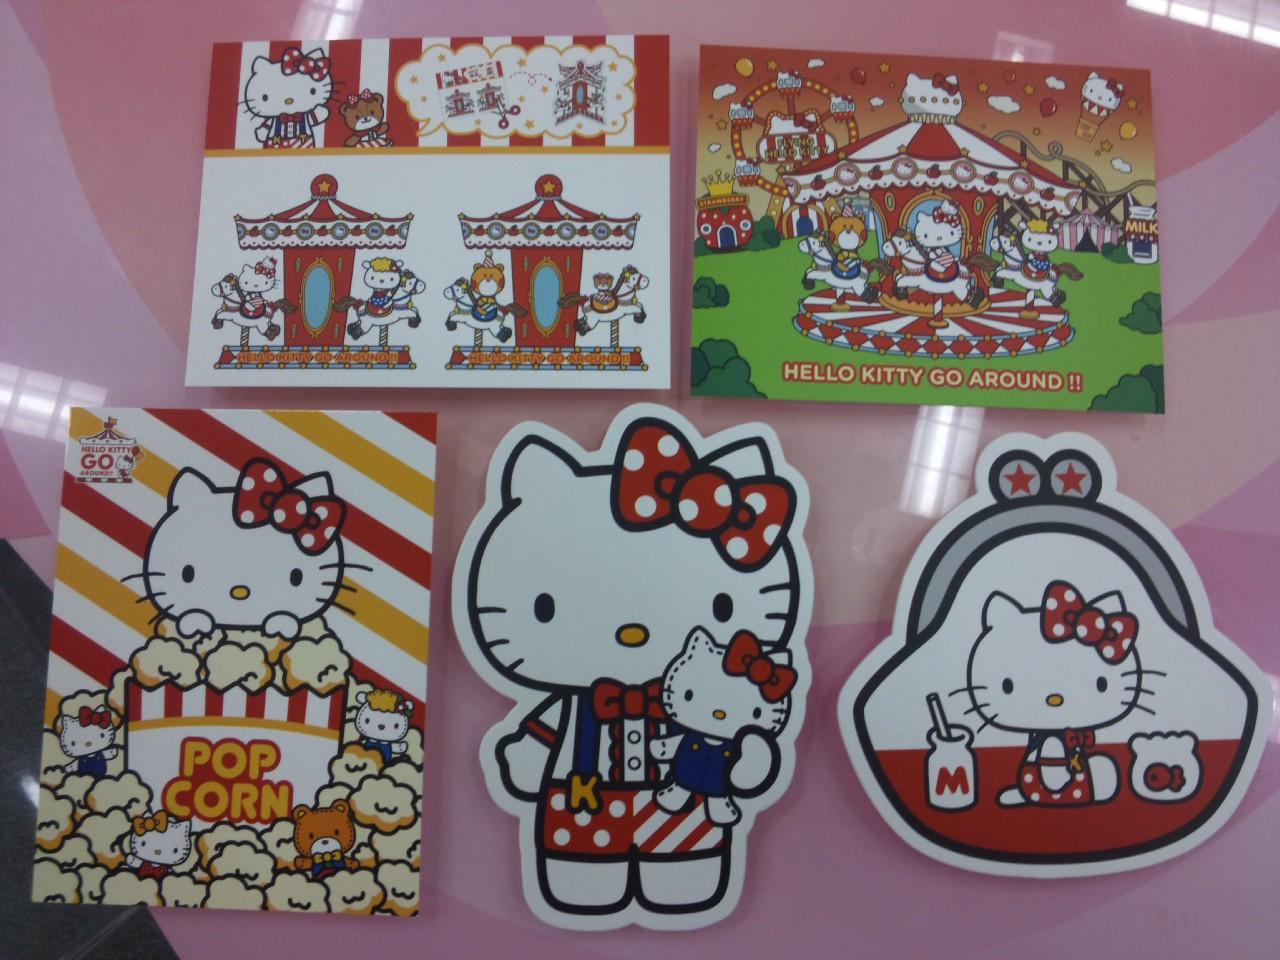 キティ郵便局のポストカードたち!